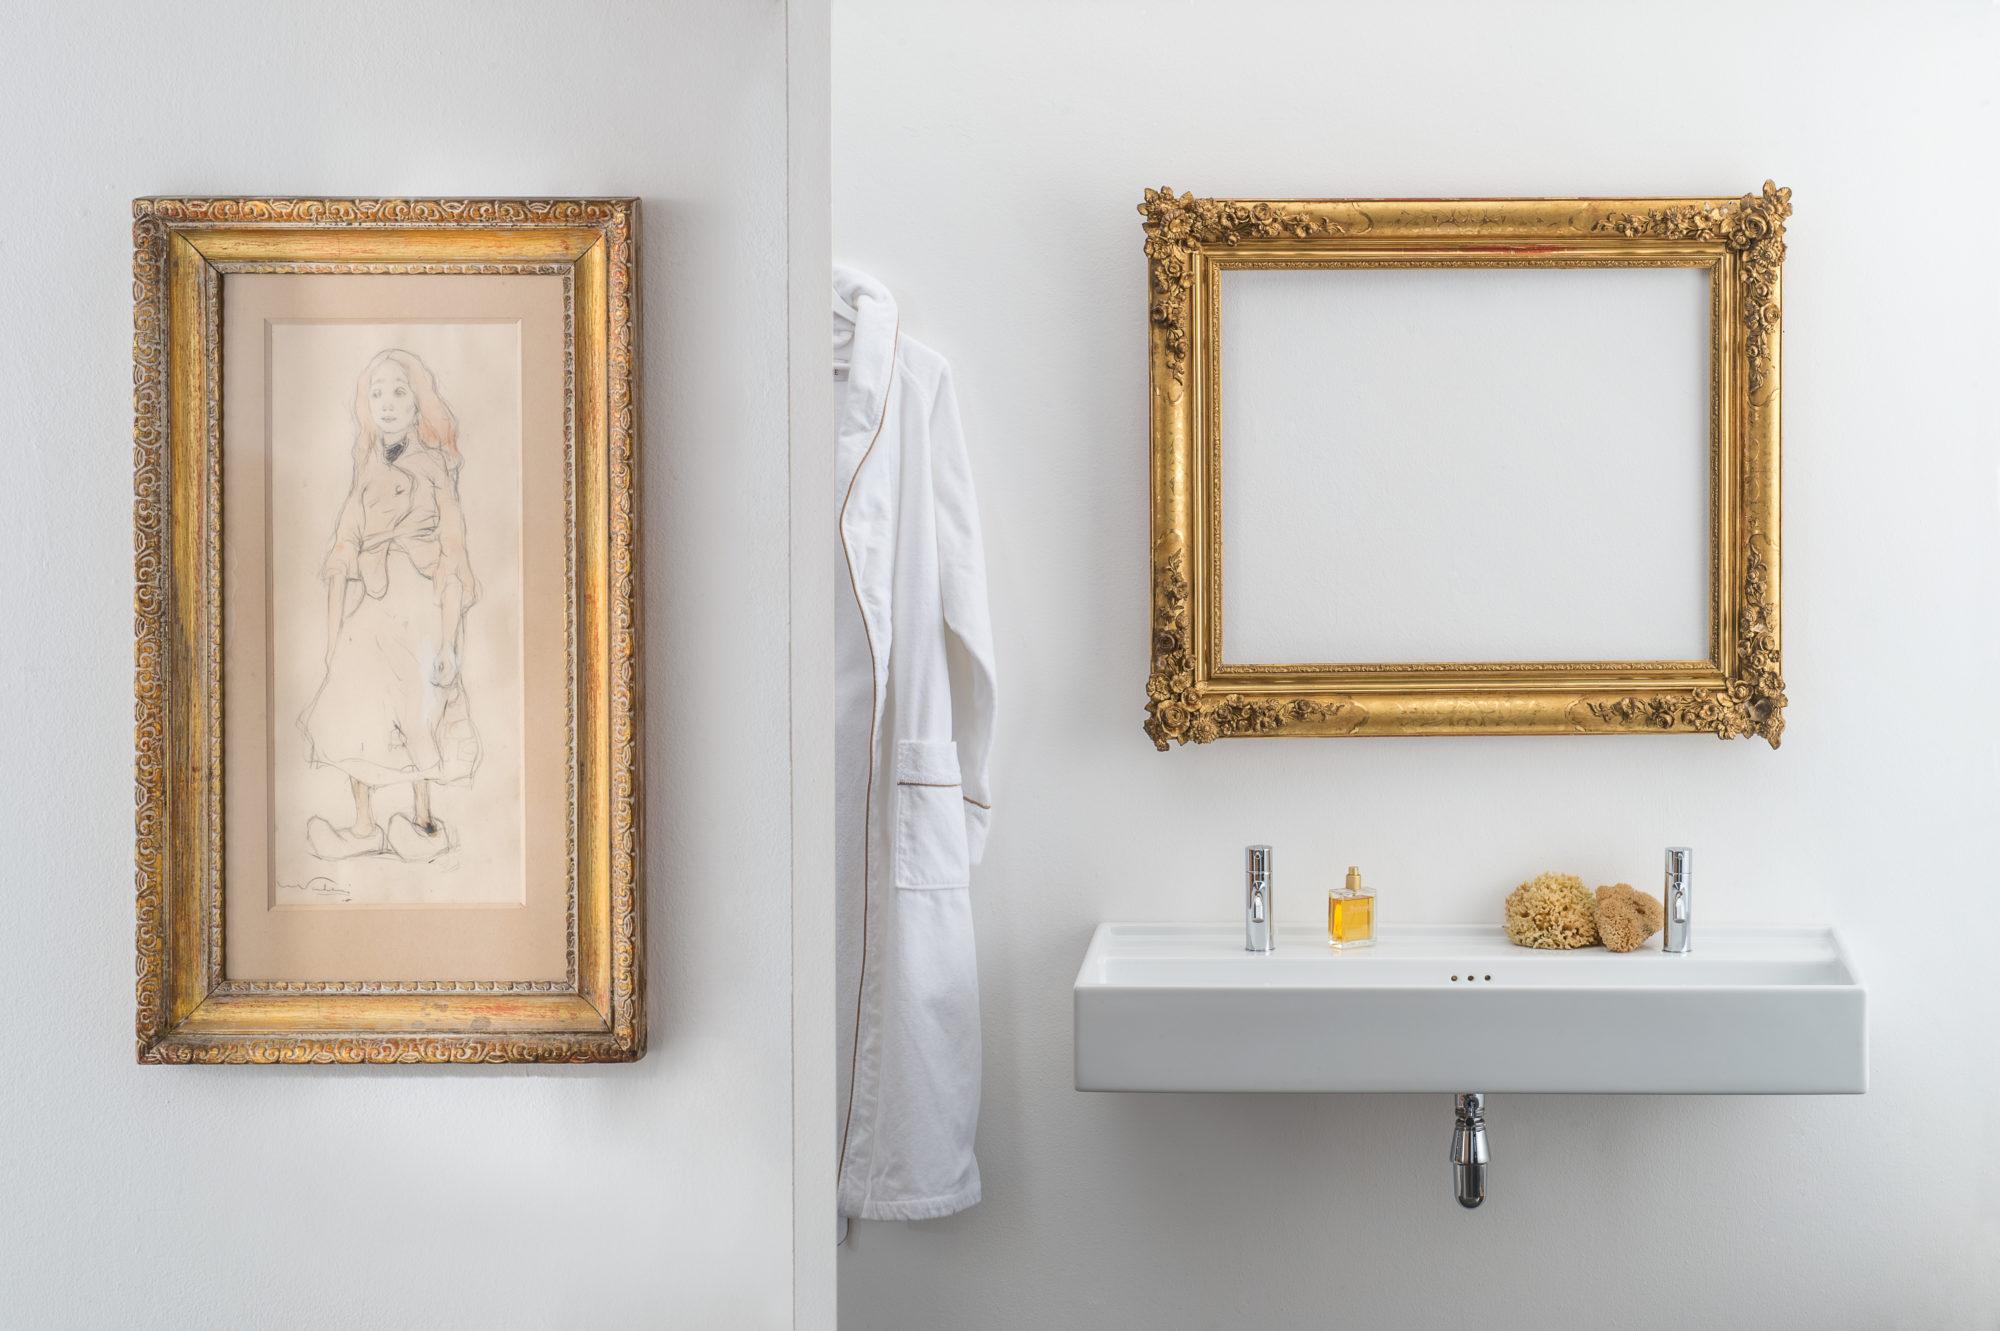 Catalogo rapsel accessori bagno fotografo brescia ottavio tomasini